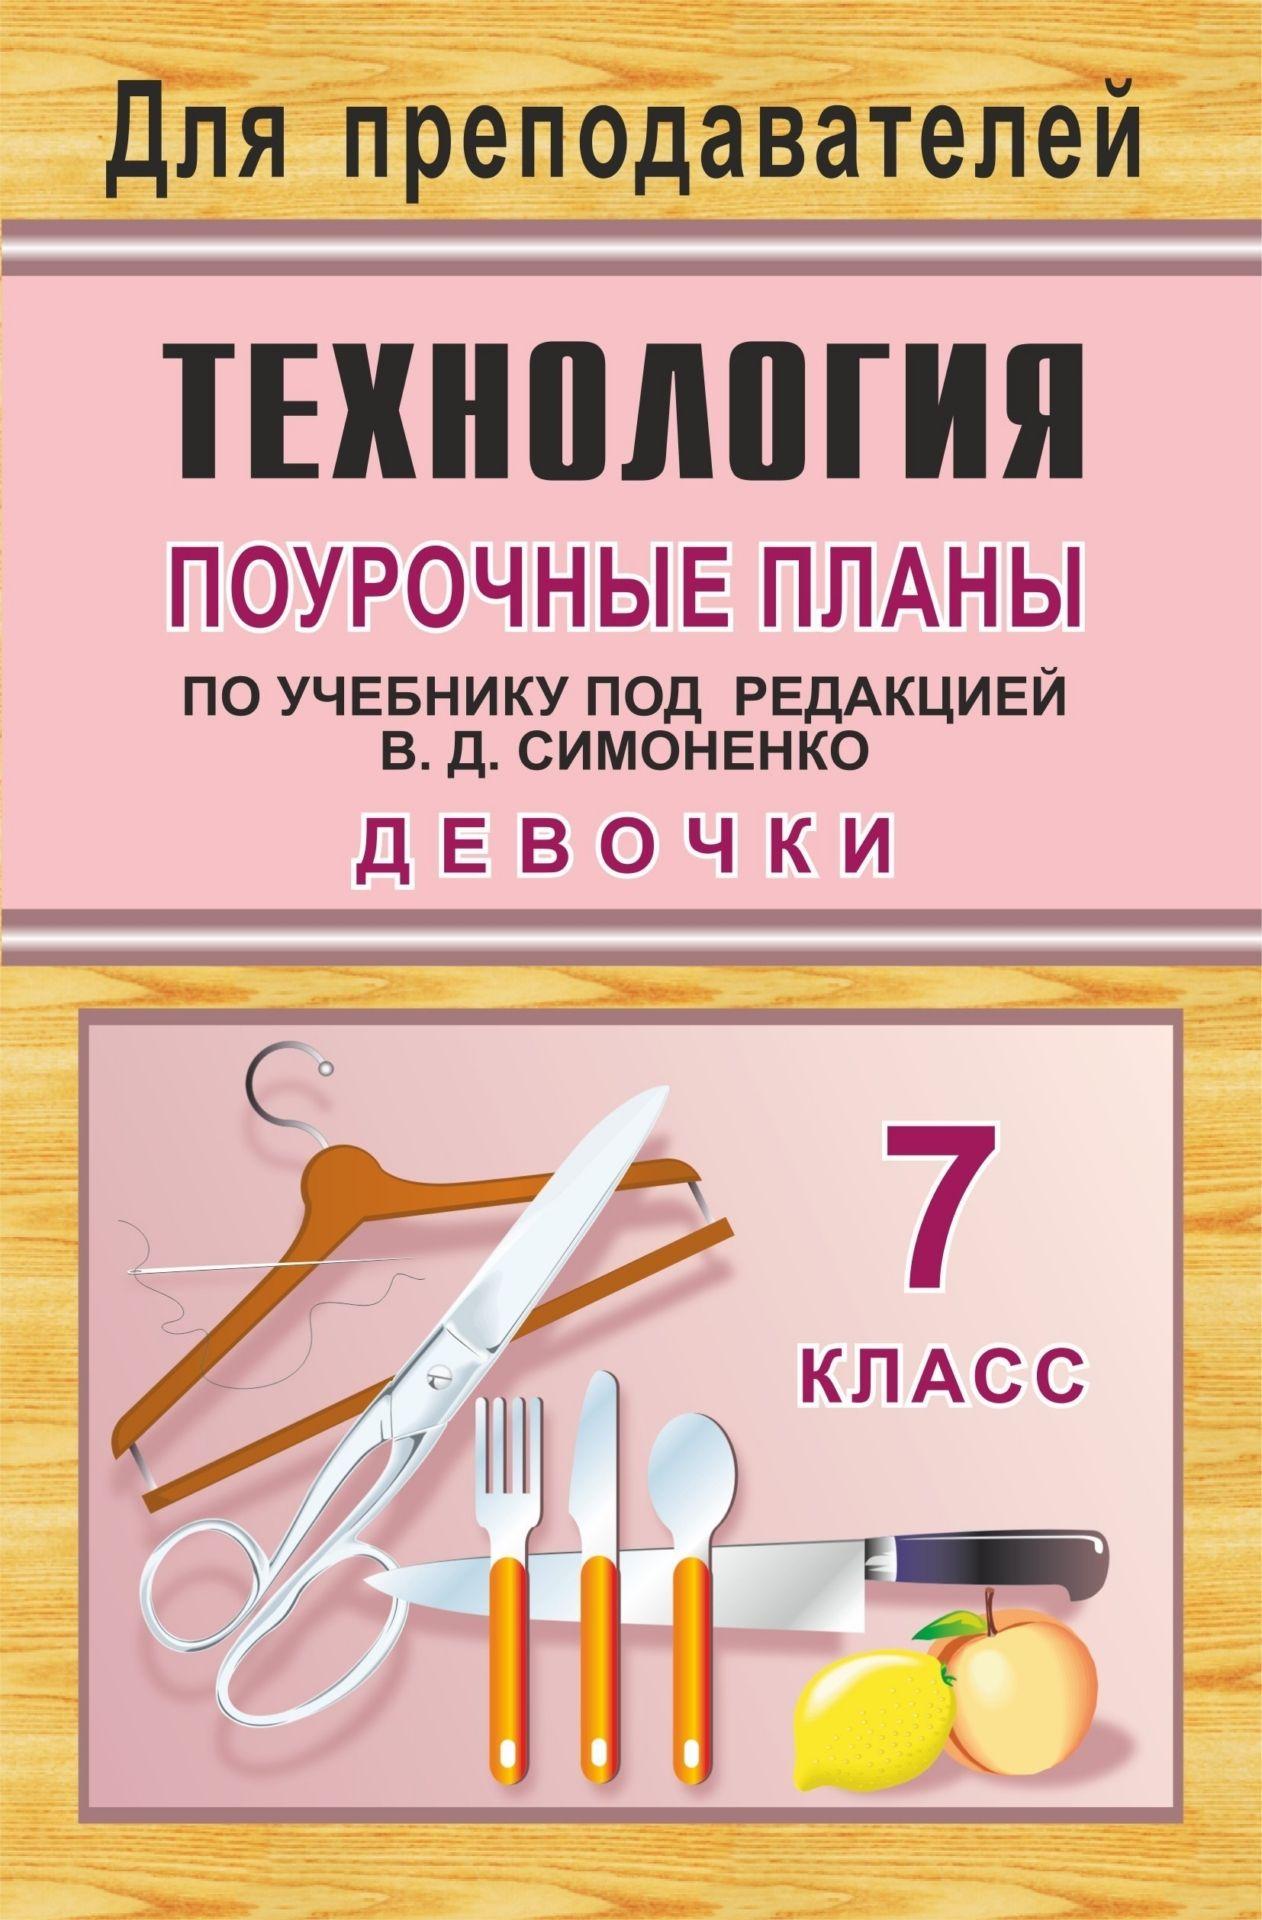 Технология. 7 класс (девочки). Поурочные планы по учебнику под ред. В. Д. Симоненко. Программа для установки через интернет